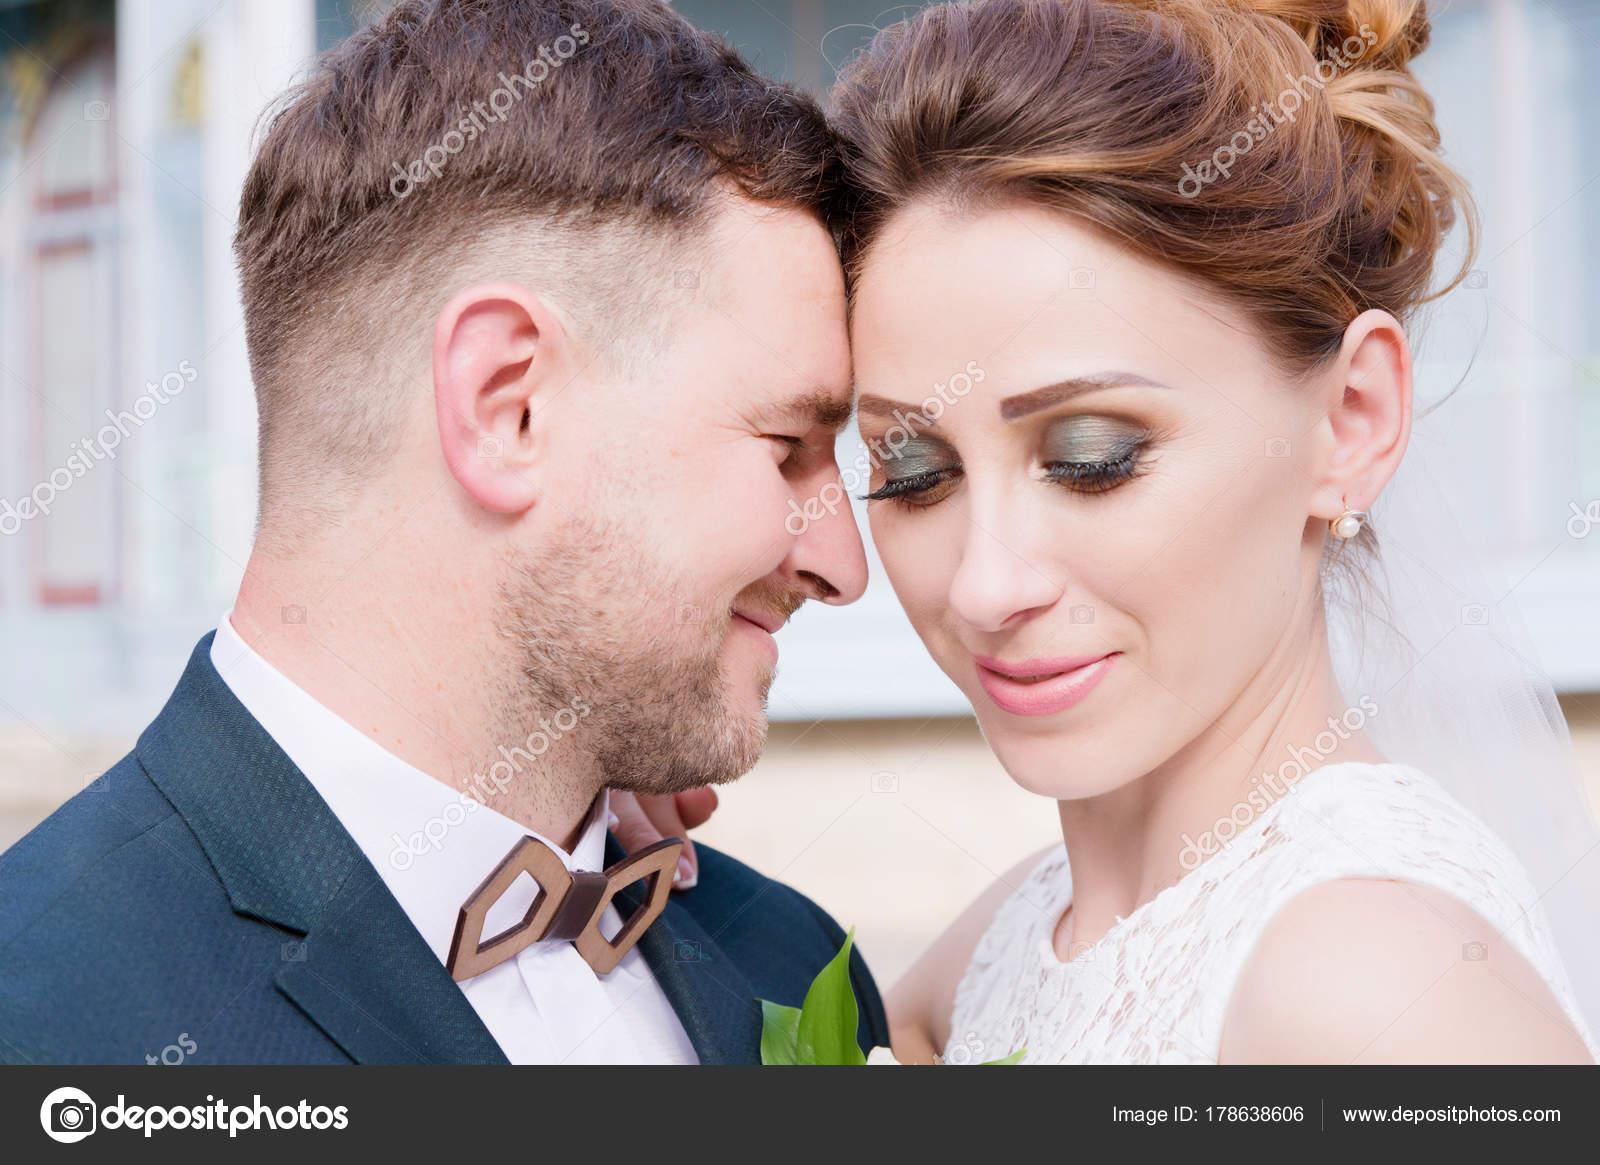 Portrat Von Ein Paar Schone Brautpaar Ist Vor Dem Hintergrund Eines